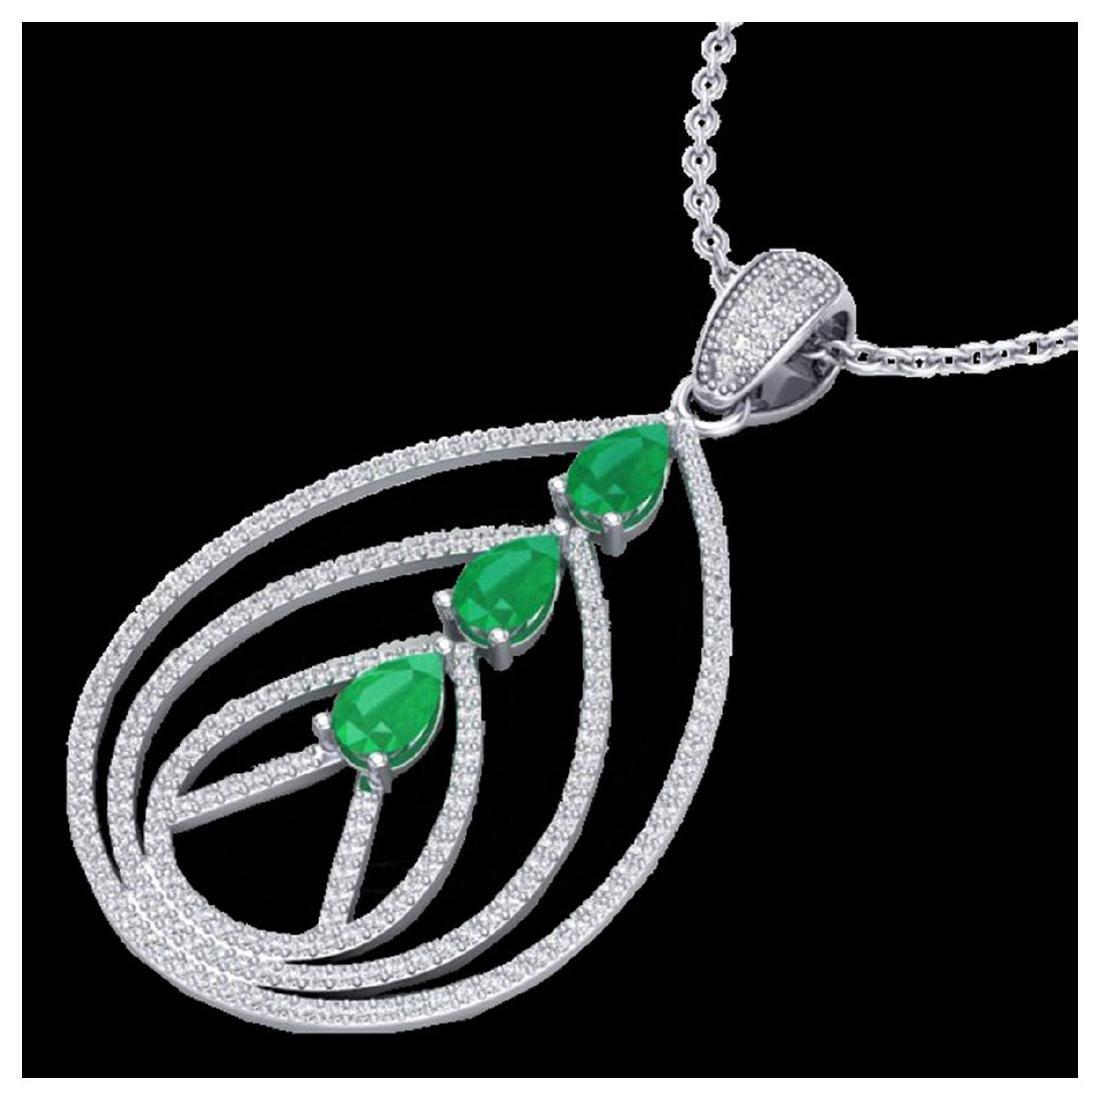 2 ctw Emerald & VS/SI Diamond Necklace 18K White Gold -